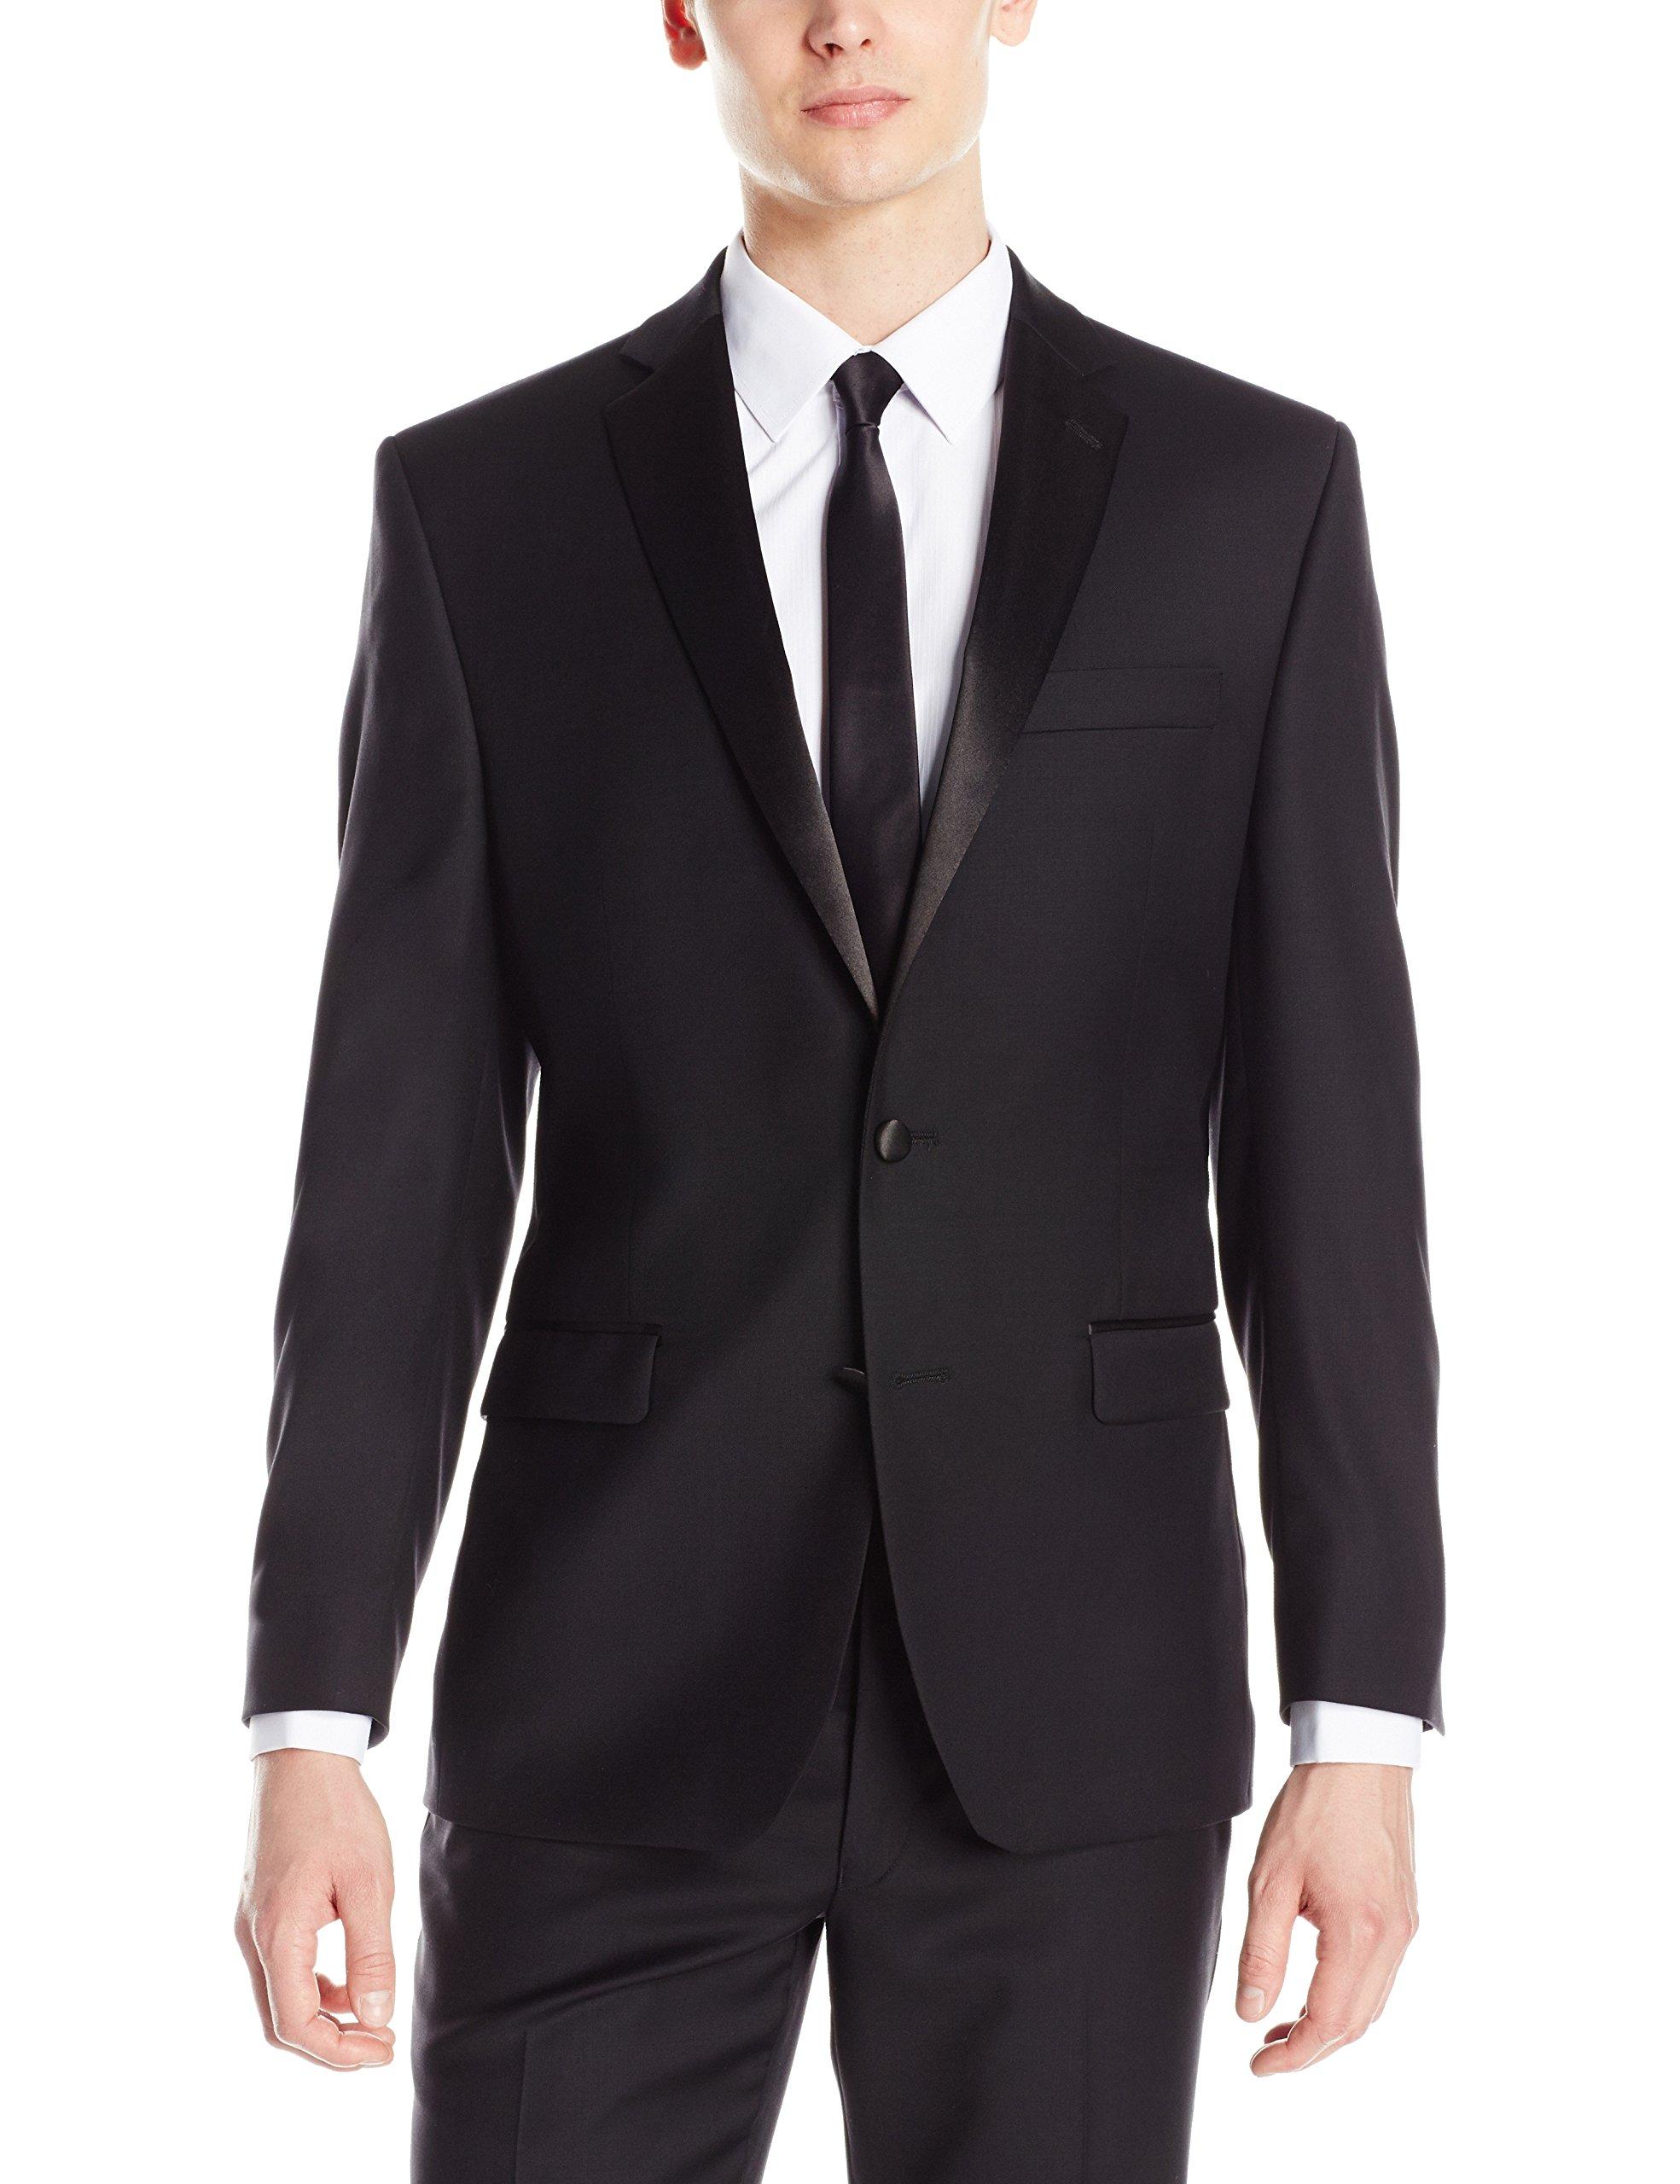 Calvin Klein Men's Modern Fit 100% Wool Tuxedo Separate Jacket, Black, 42 Regular